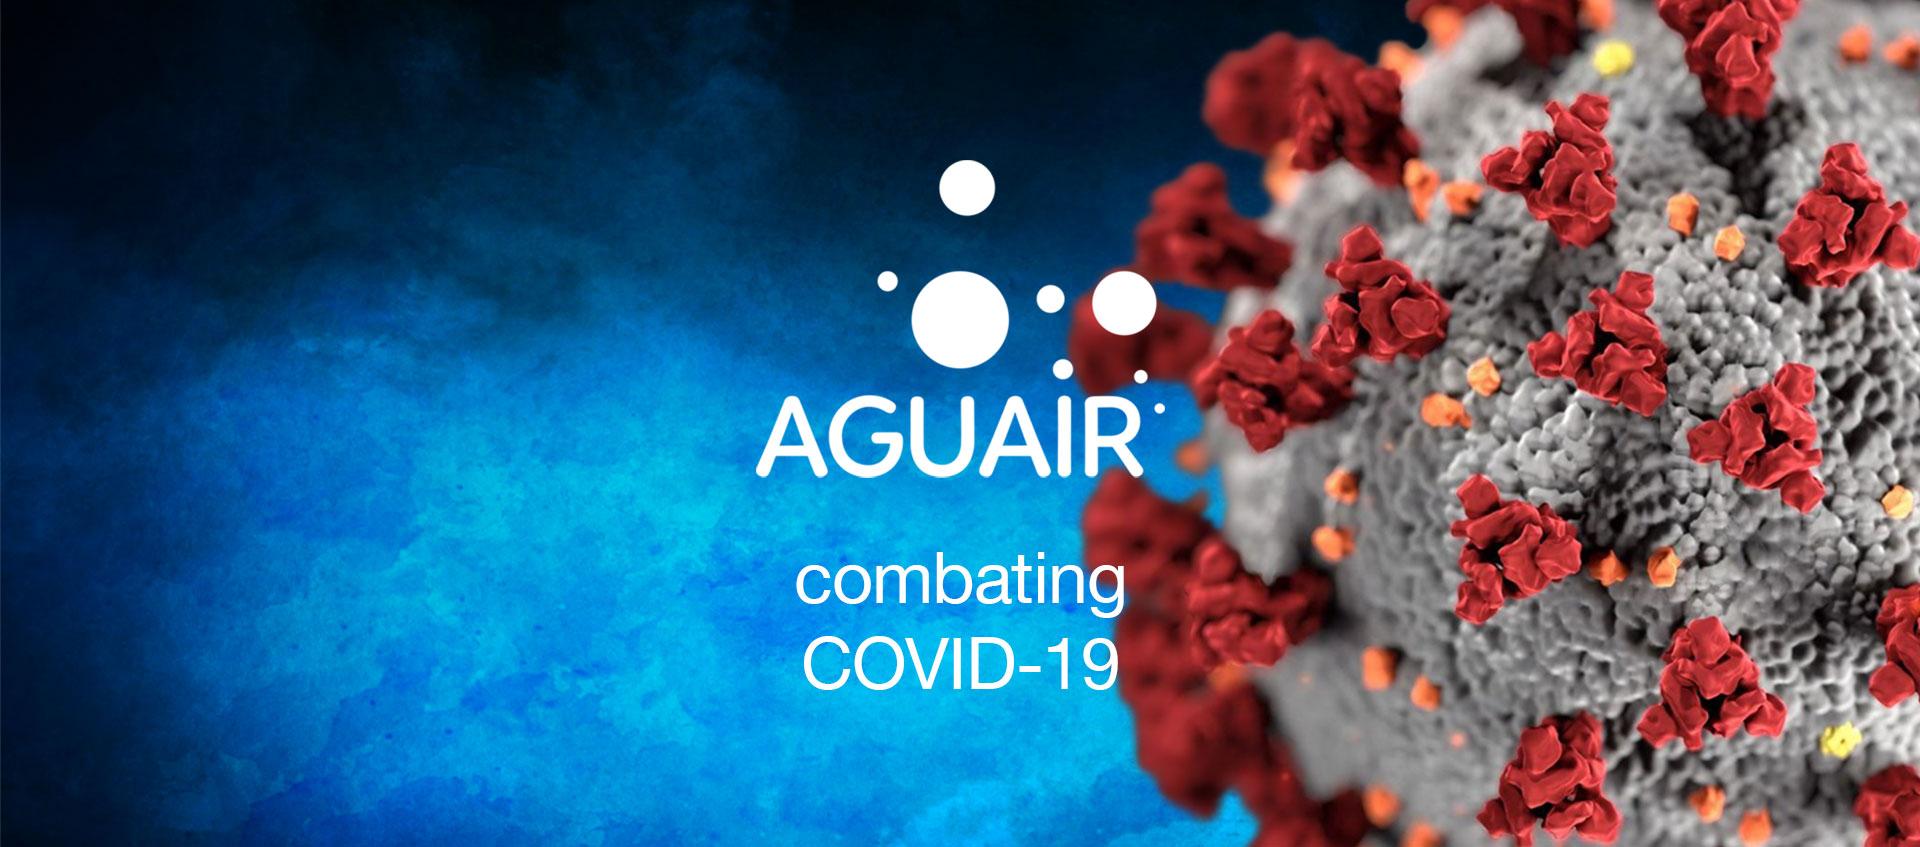 Aguair vs Covid-19